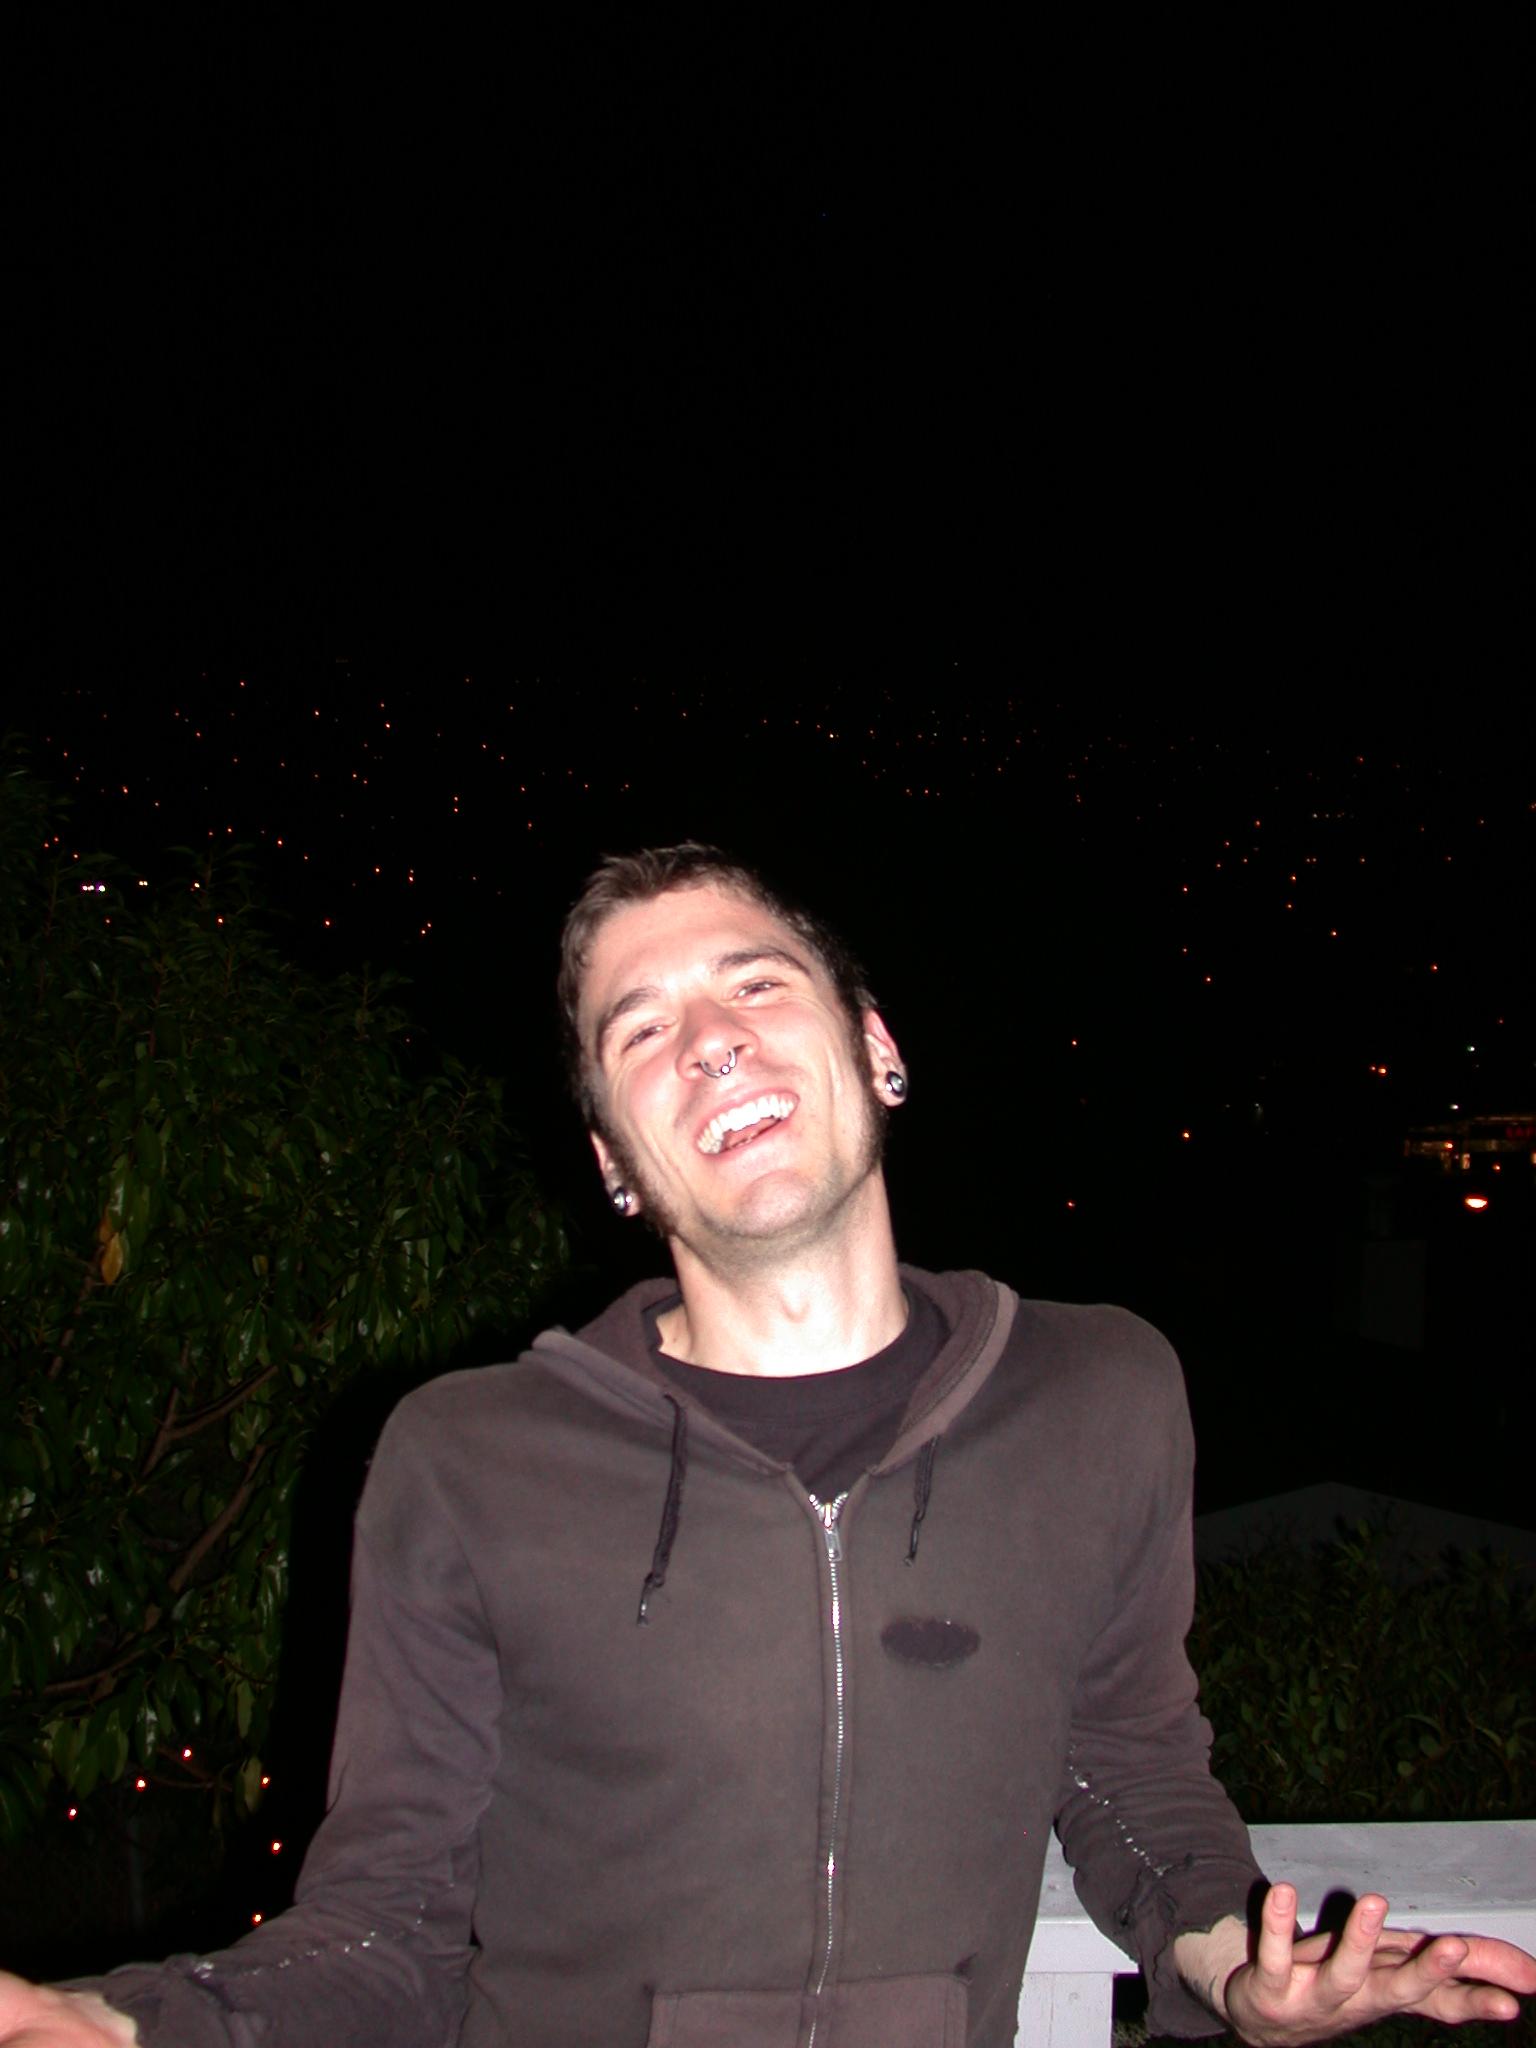 Steven Enjoying Life